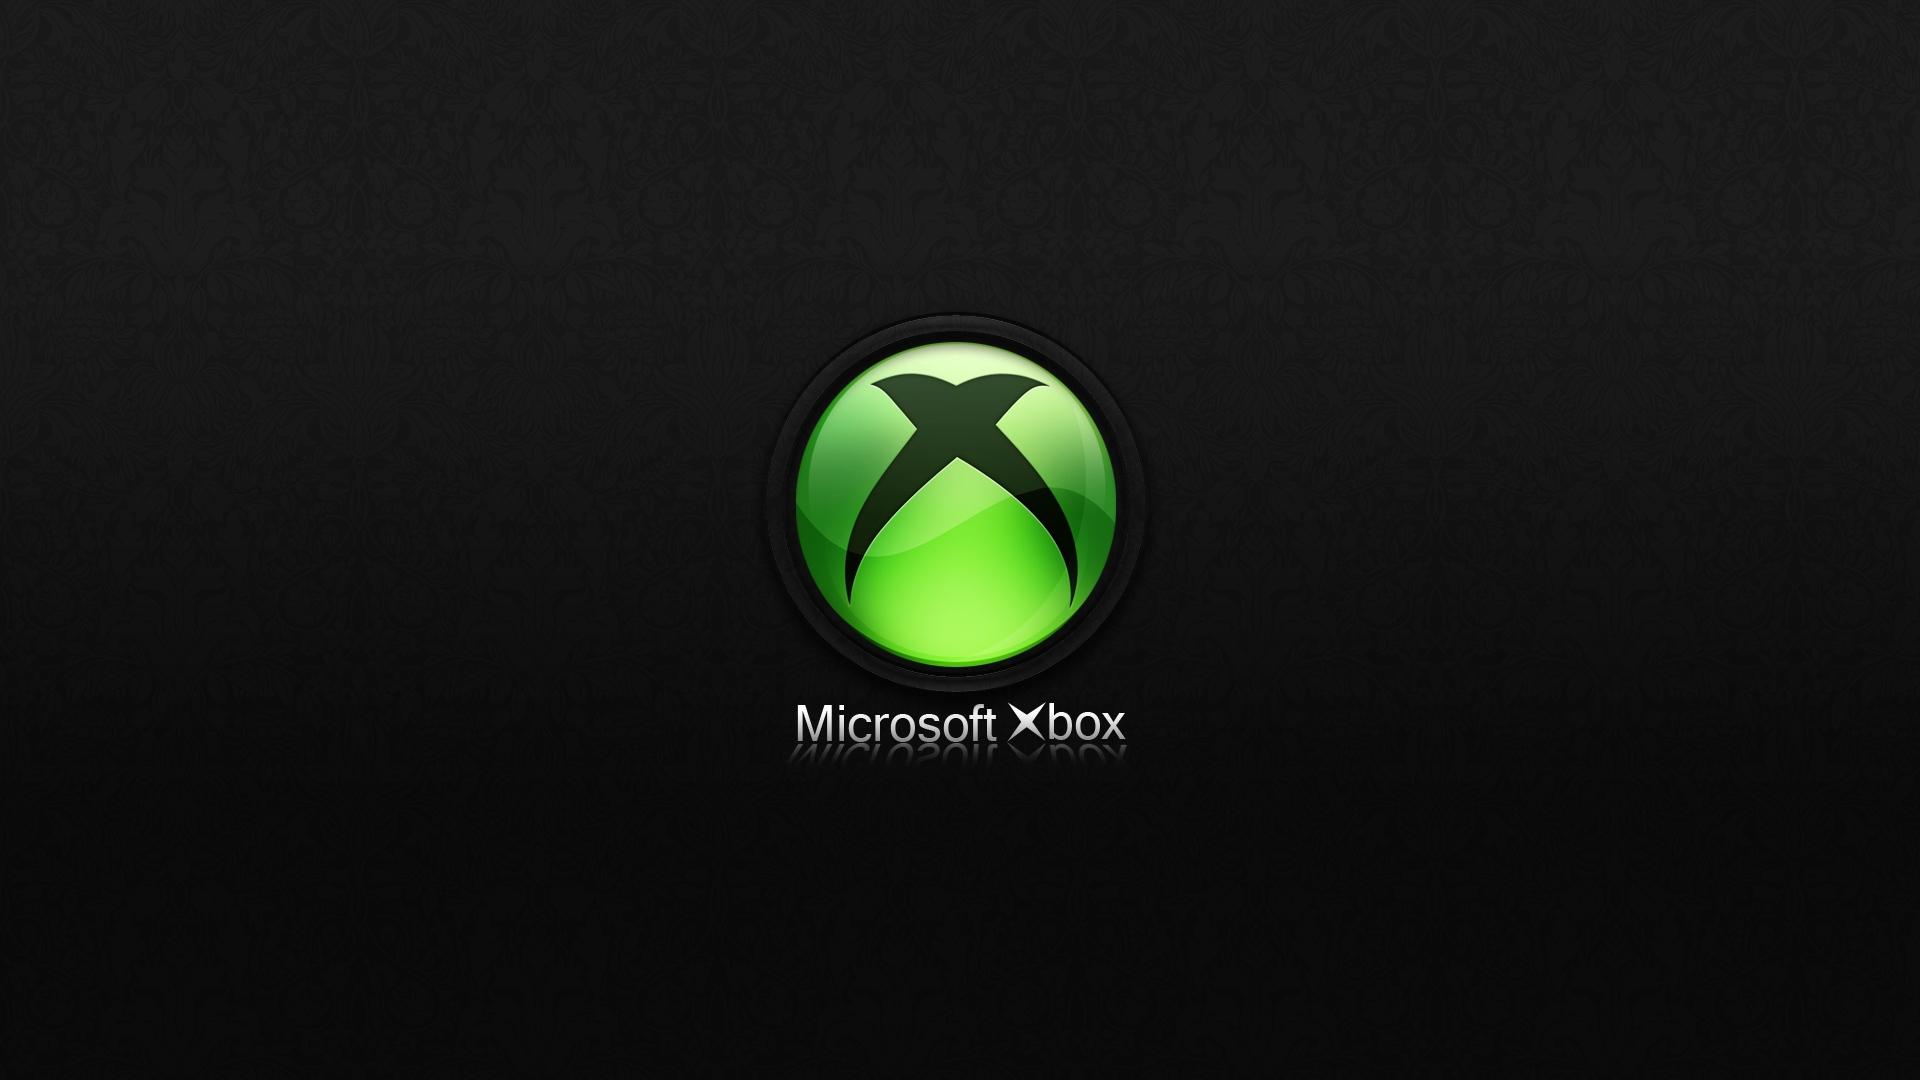 Download Wallpaper 1920x1080 Xbox Microsoft Black Full HD 1080p HD 1920x1080